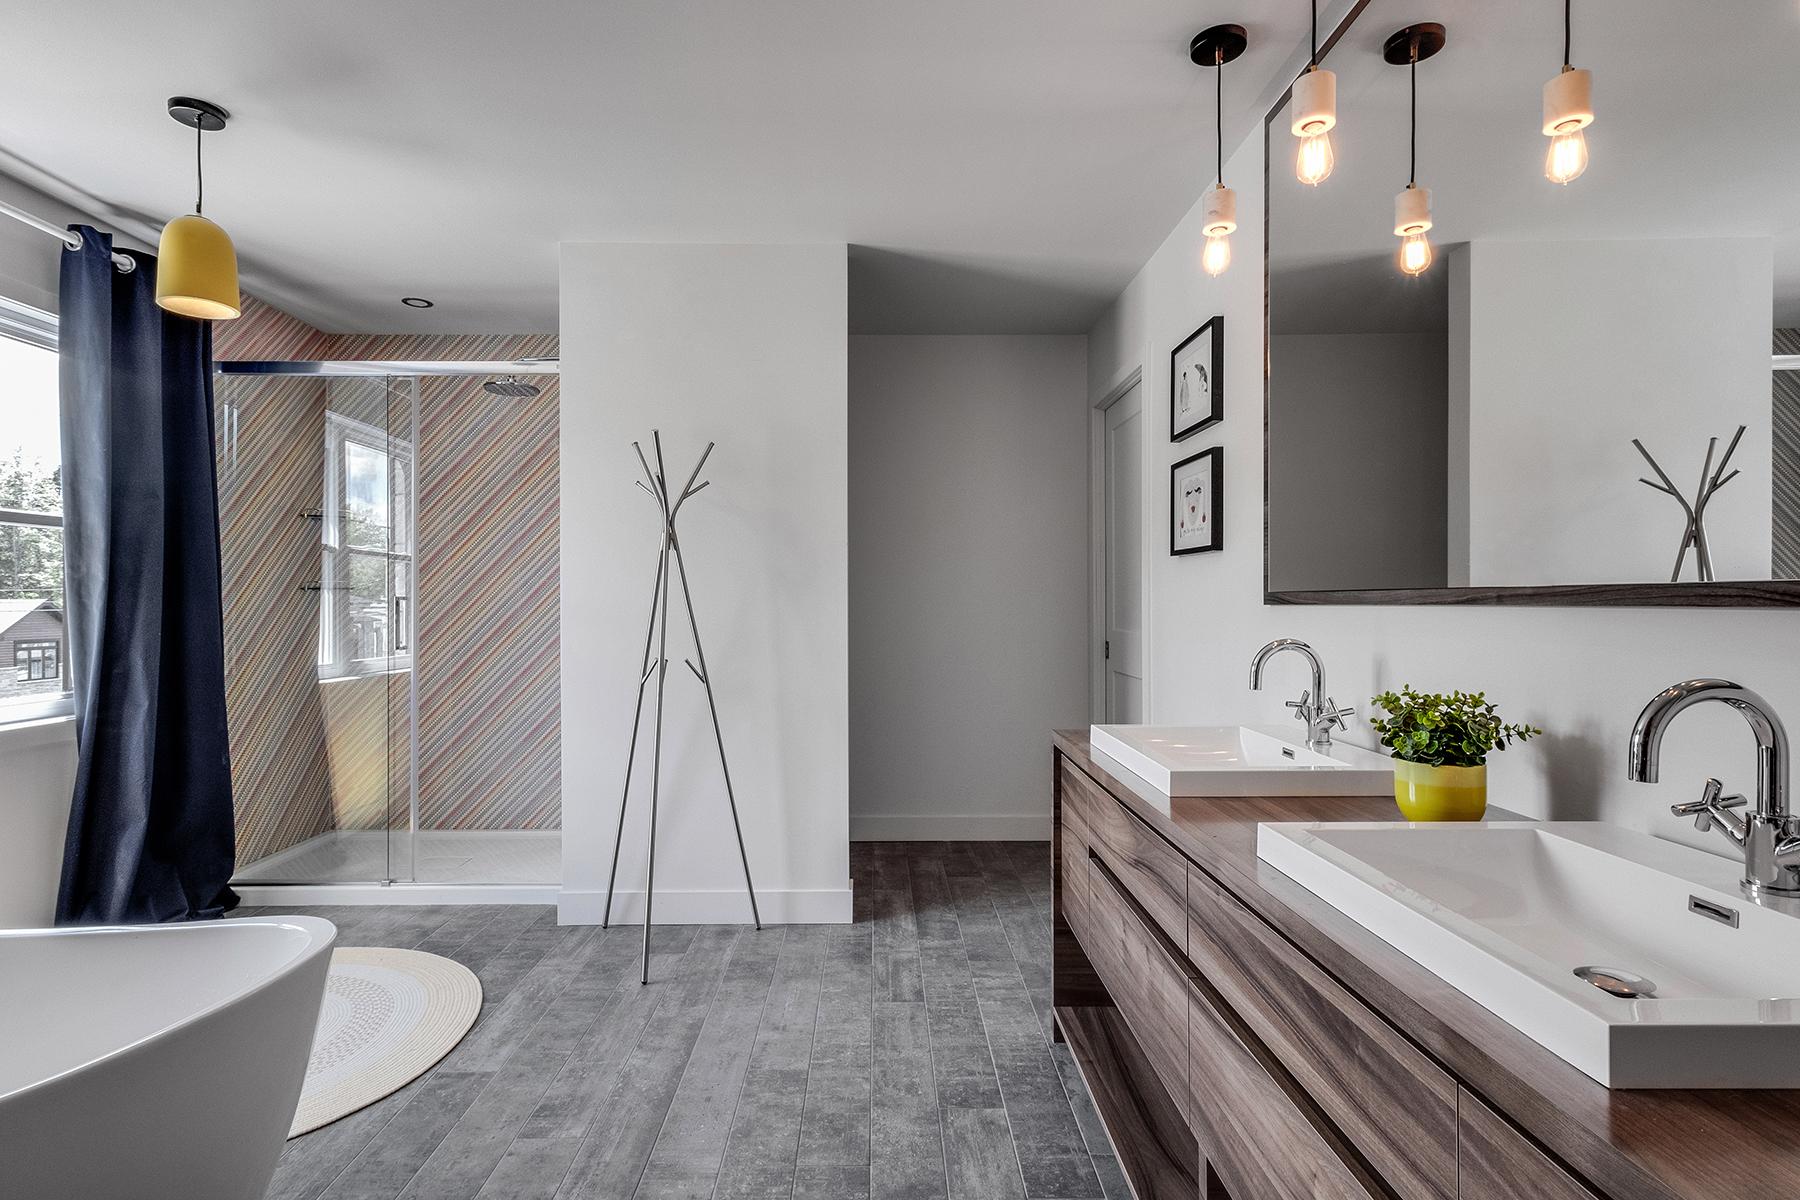 salle de bain1_modif_web